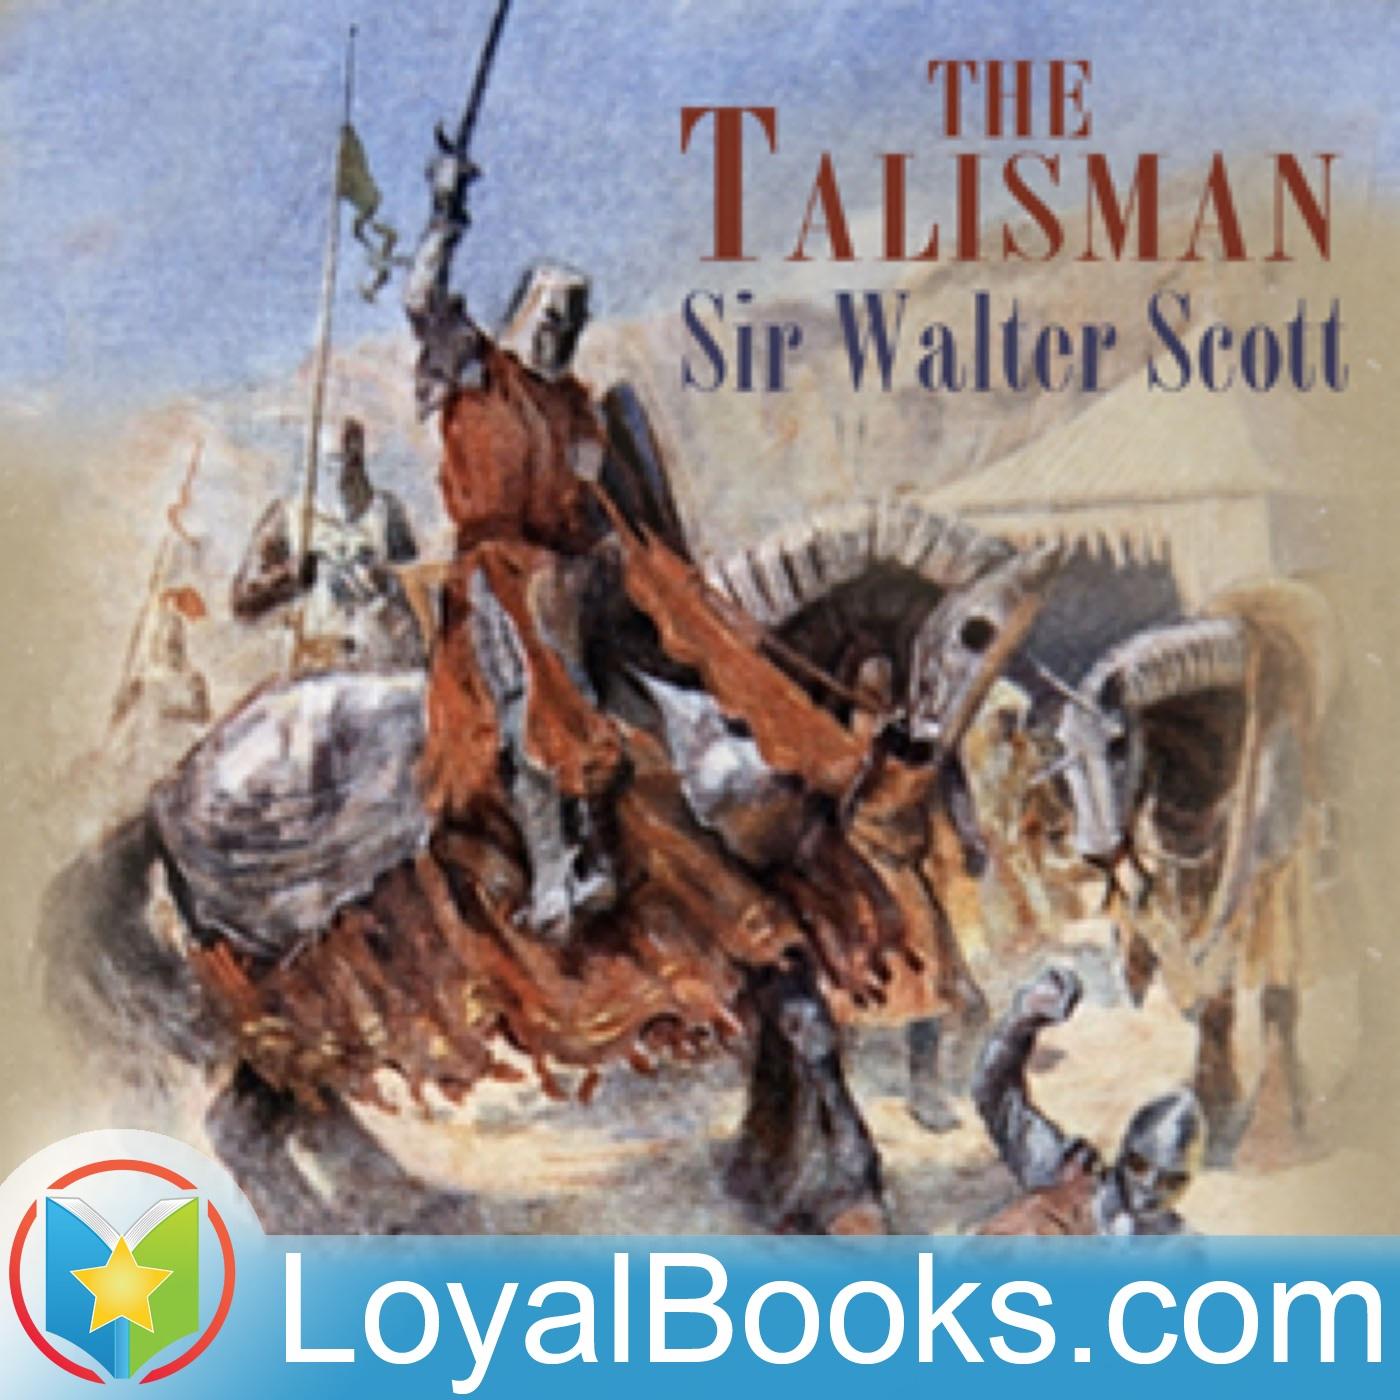 <![CDATA[The Talisman by Sir Walter Scott]]>